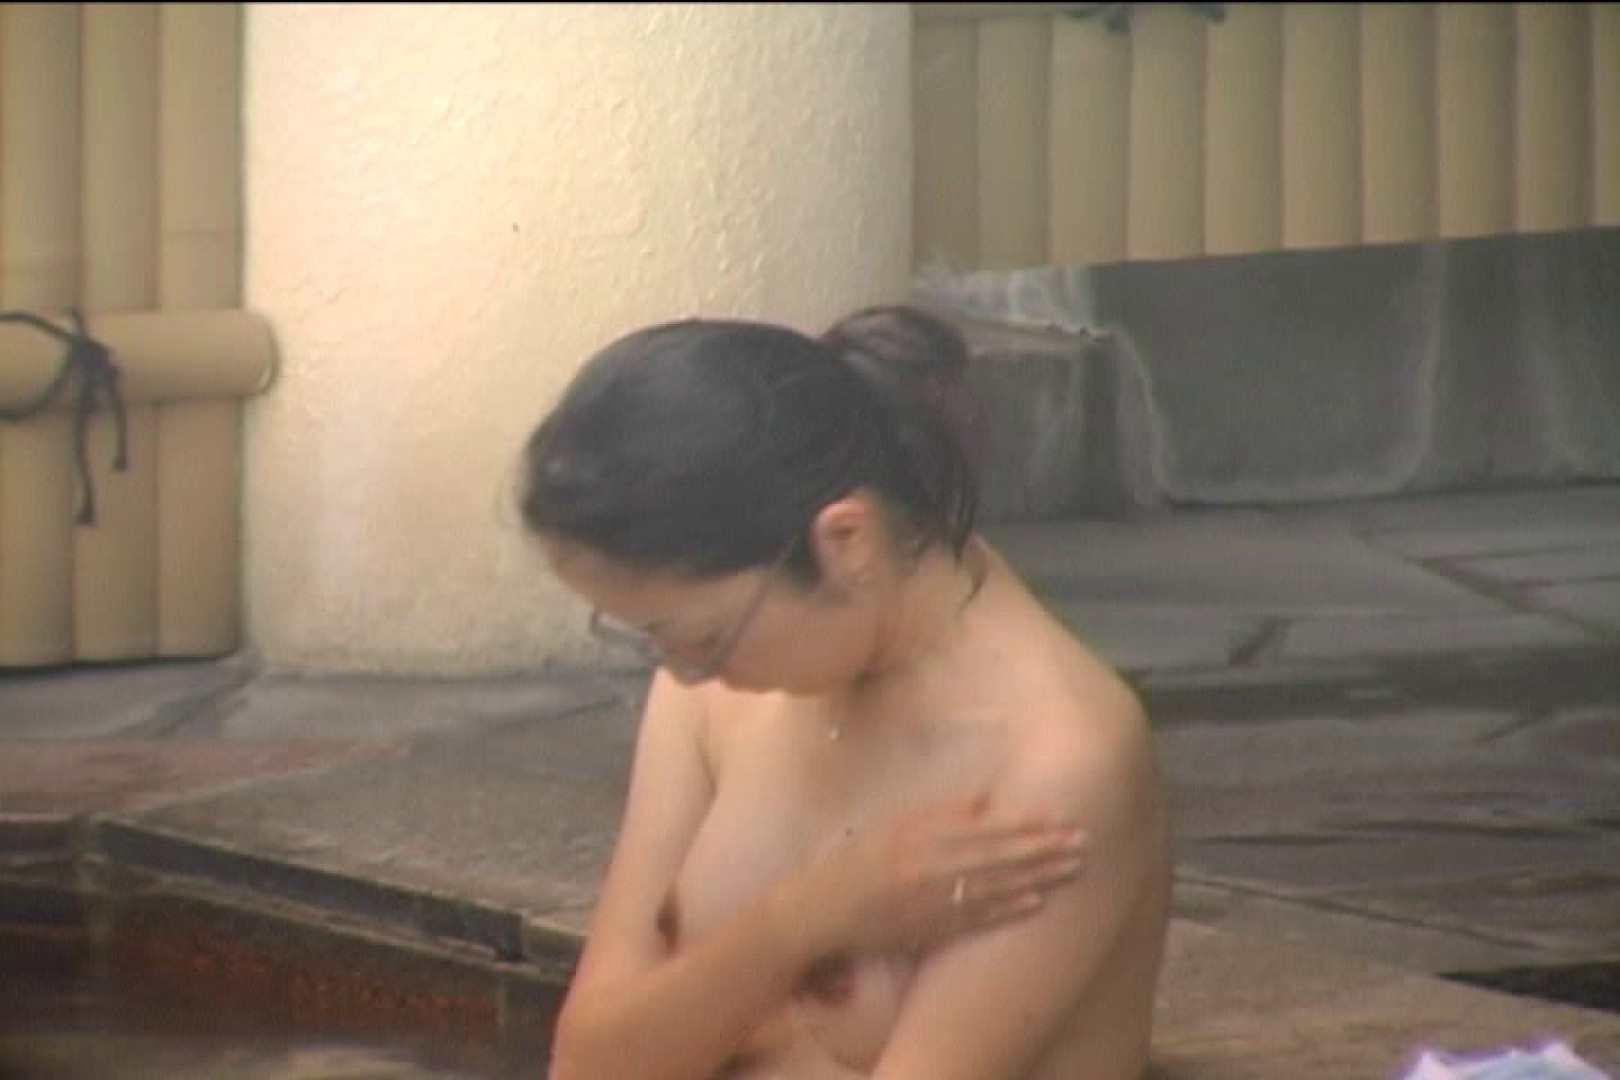 Aquaな露天風呂Vol.534 美しいOLの裸体 | 盗撮師作品  87pic 46